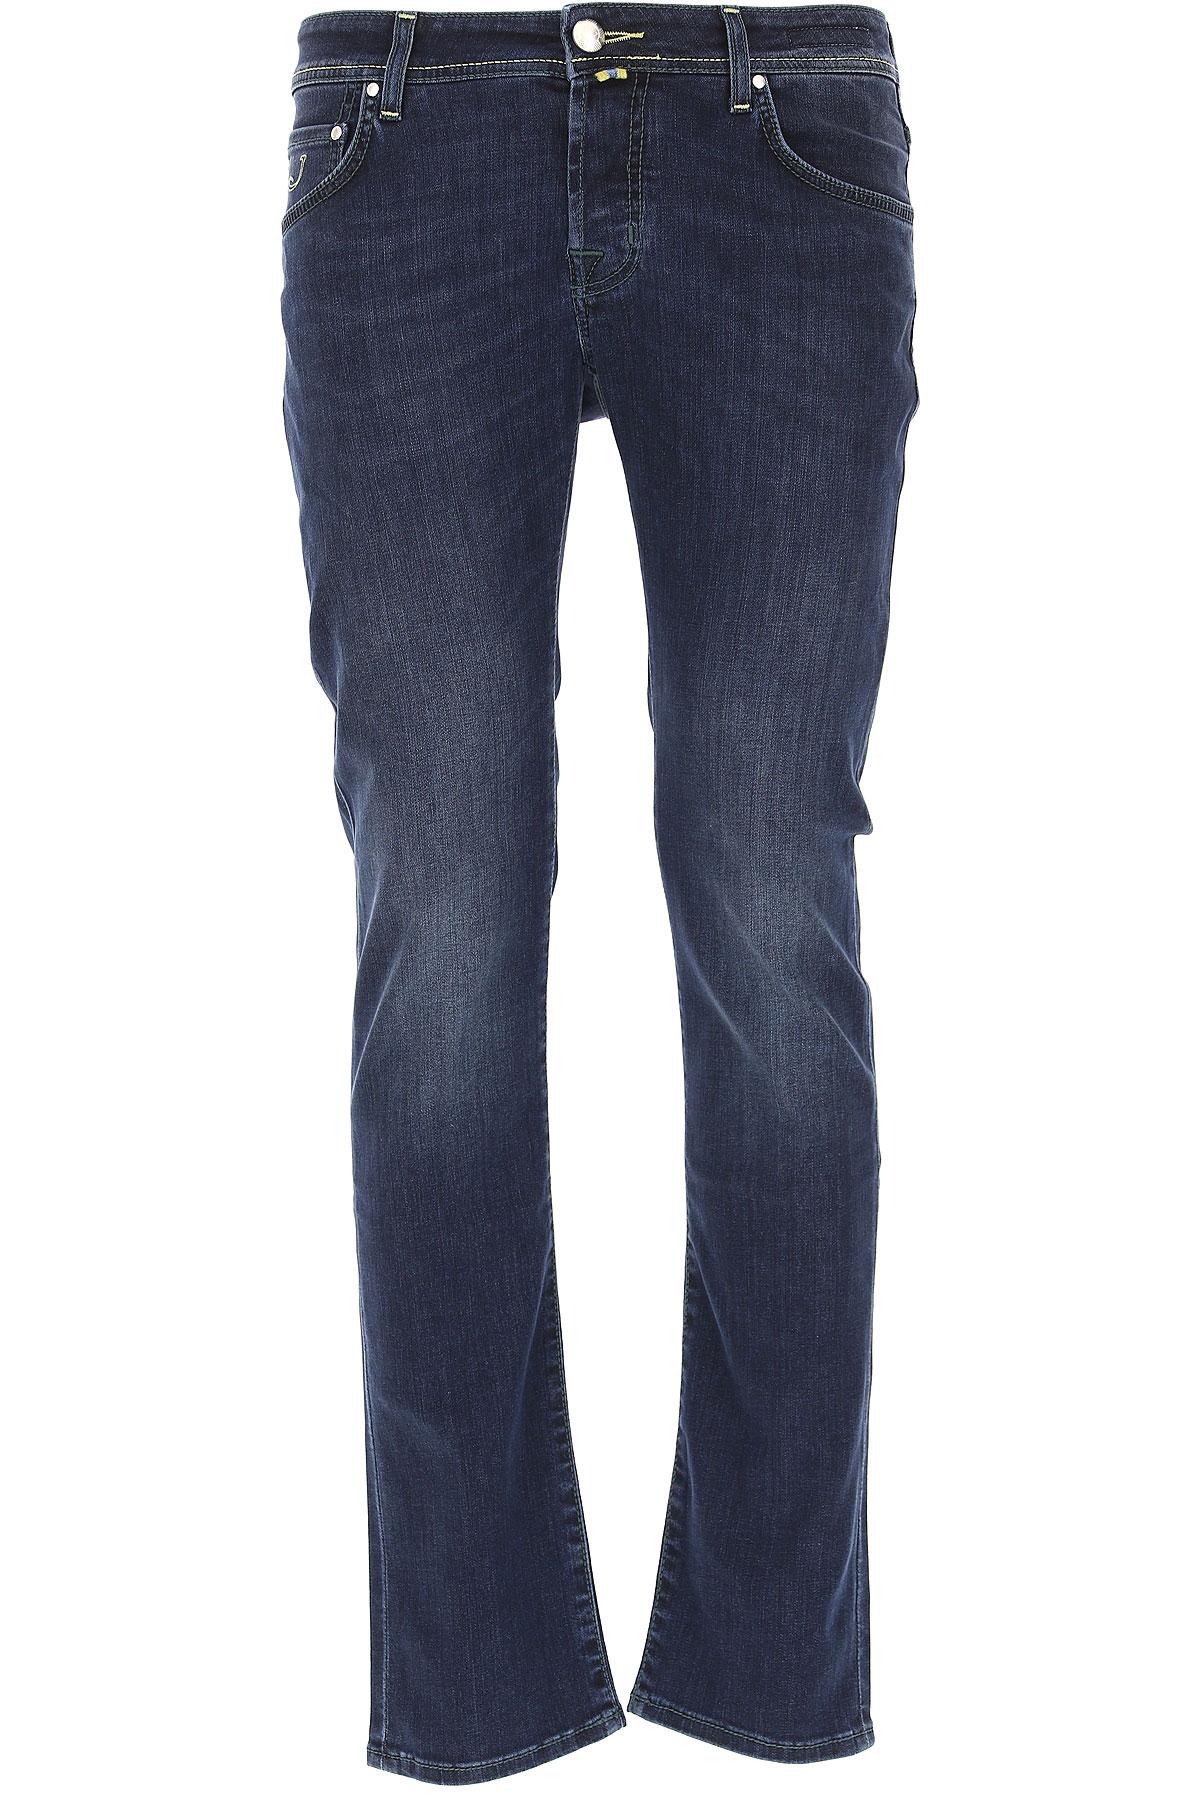 Jacob Cohen Jeans On Sale, Denim Blue, Cotton, 2017, US 28 - EU 44 US 37 - EU 53